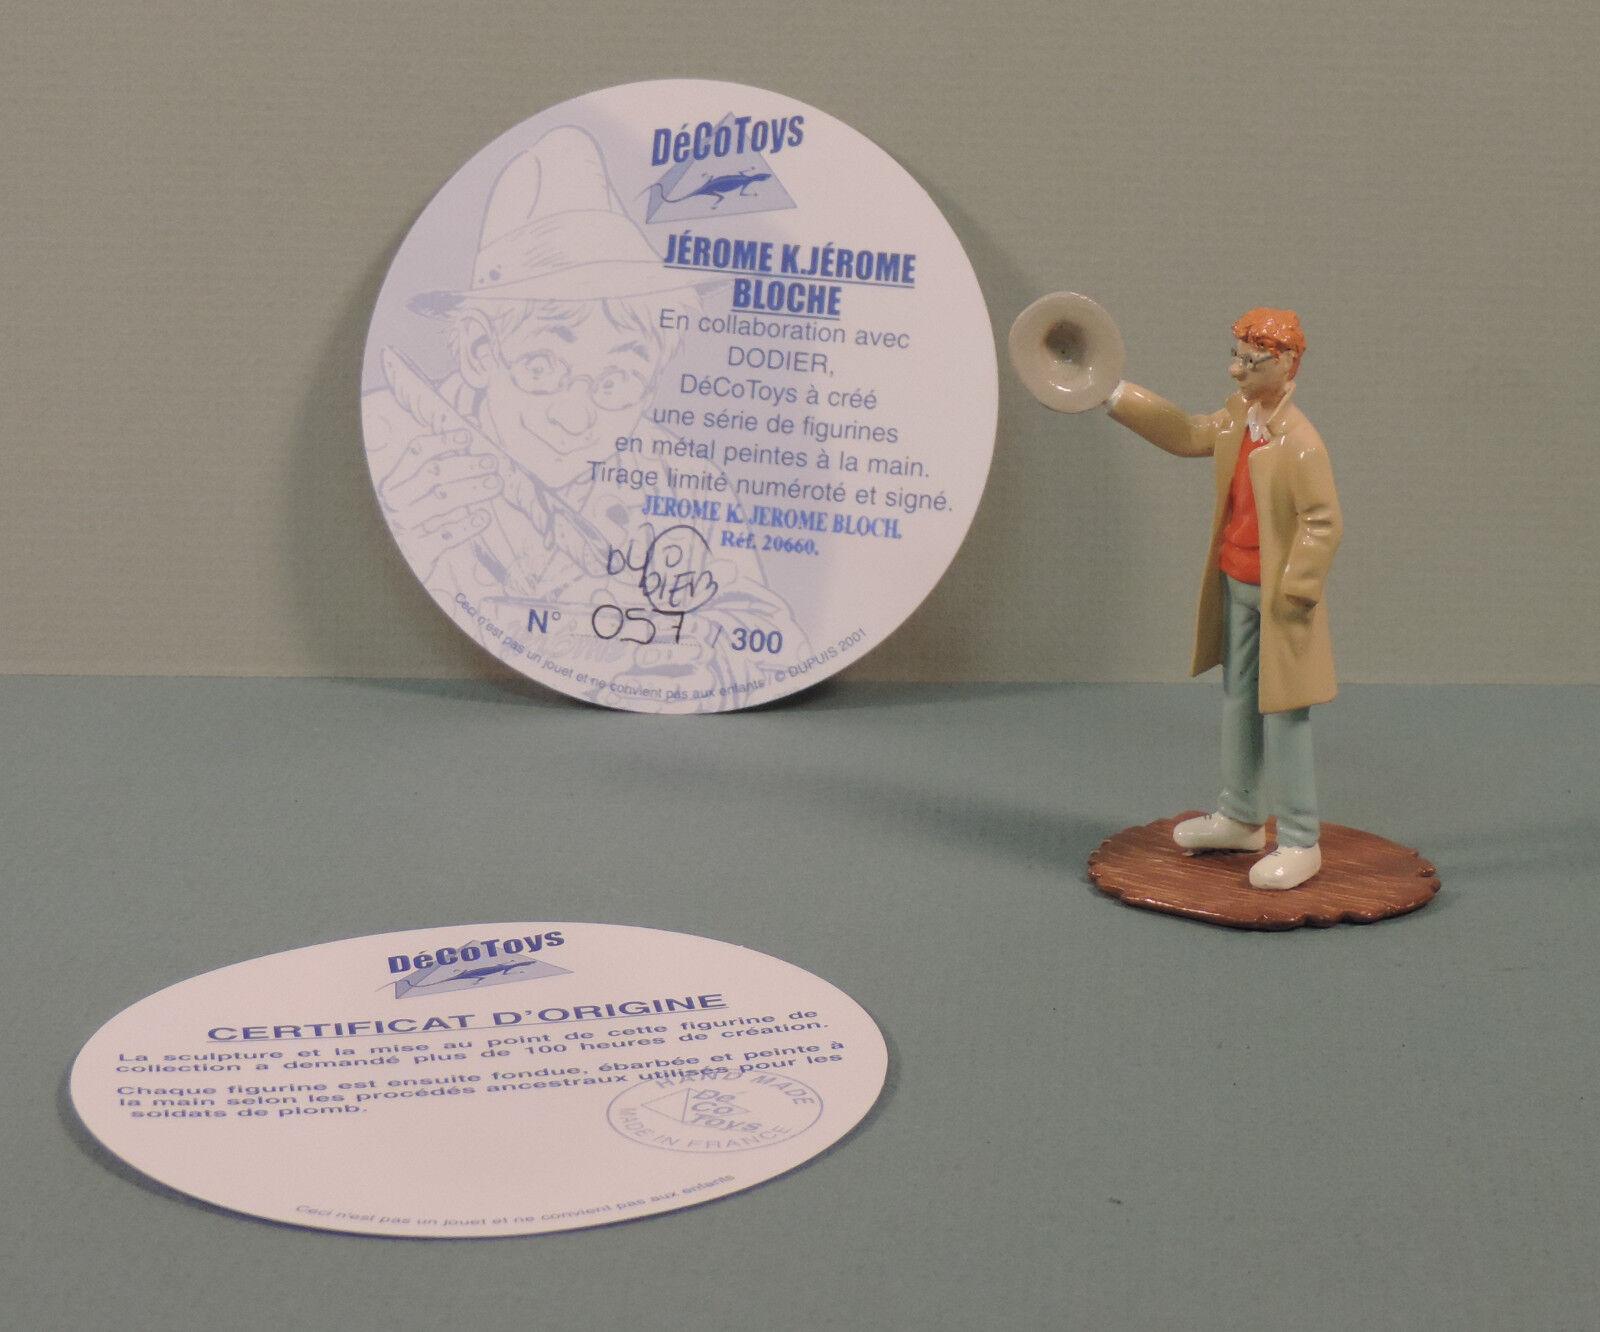 Jerome bloche statuette metall jerome saluant decotoys 20660 limite signe